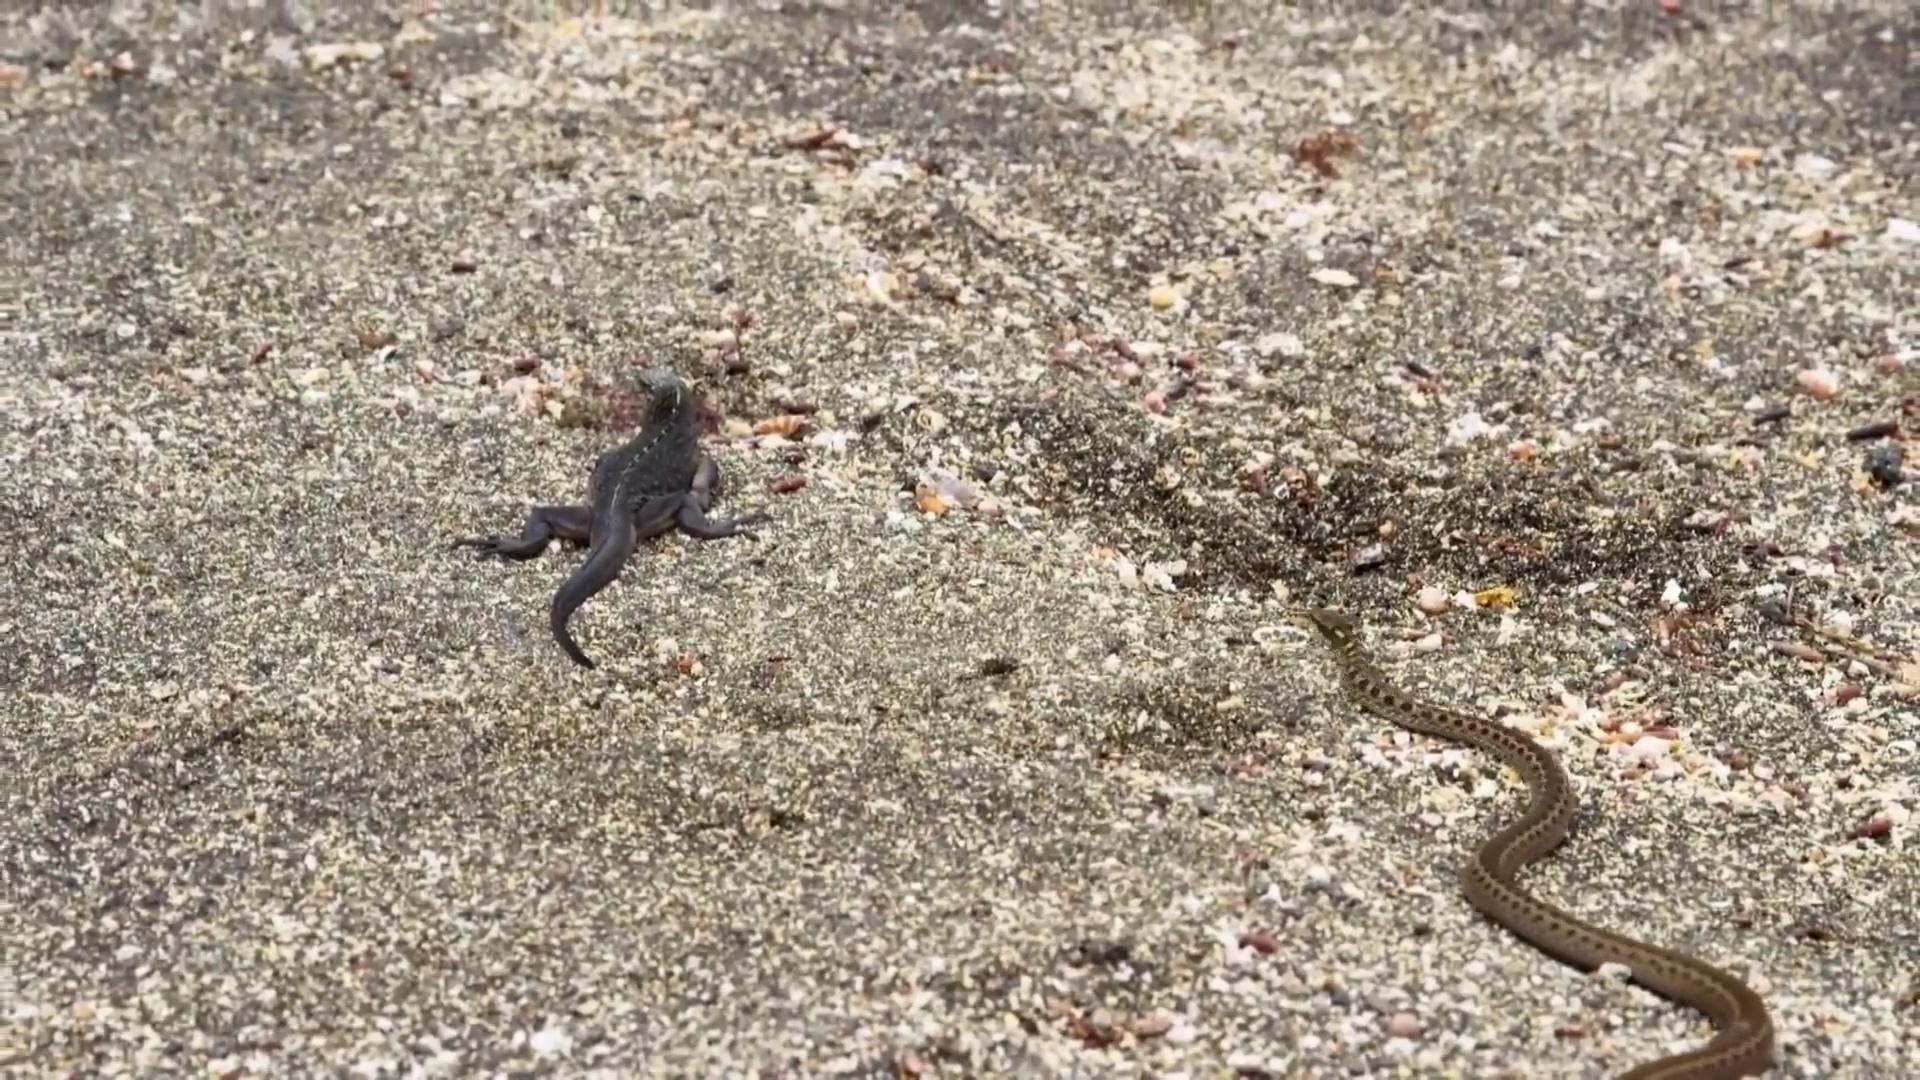 BBC Earth II - Iguana vs Snakes